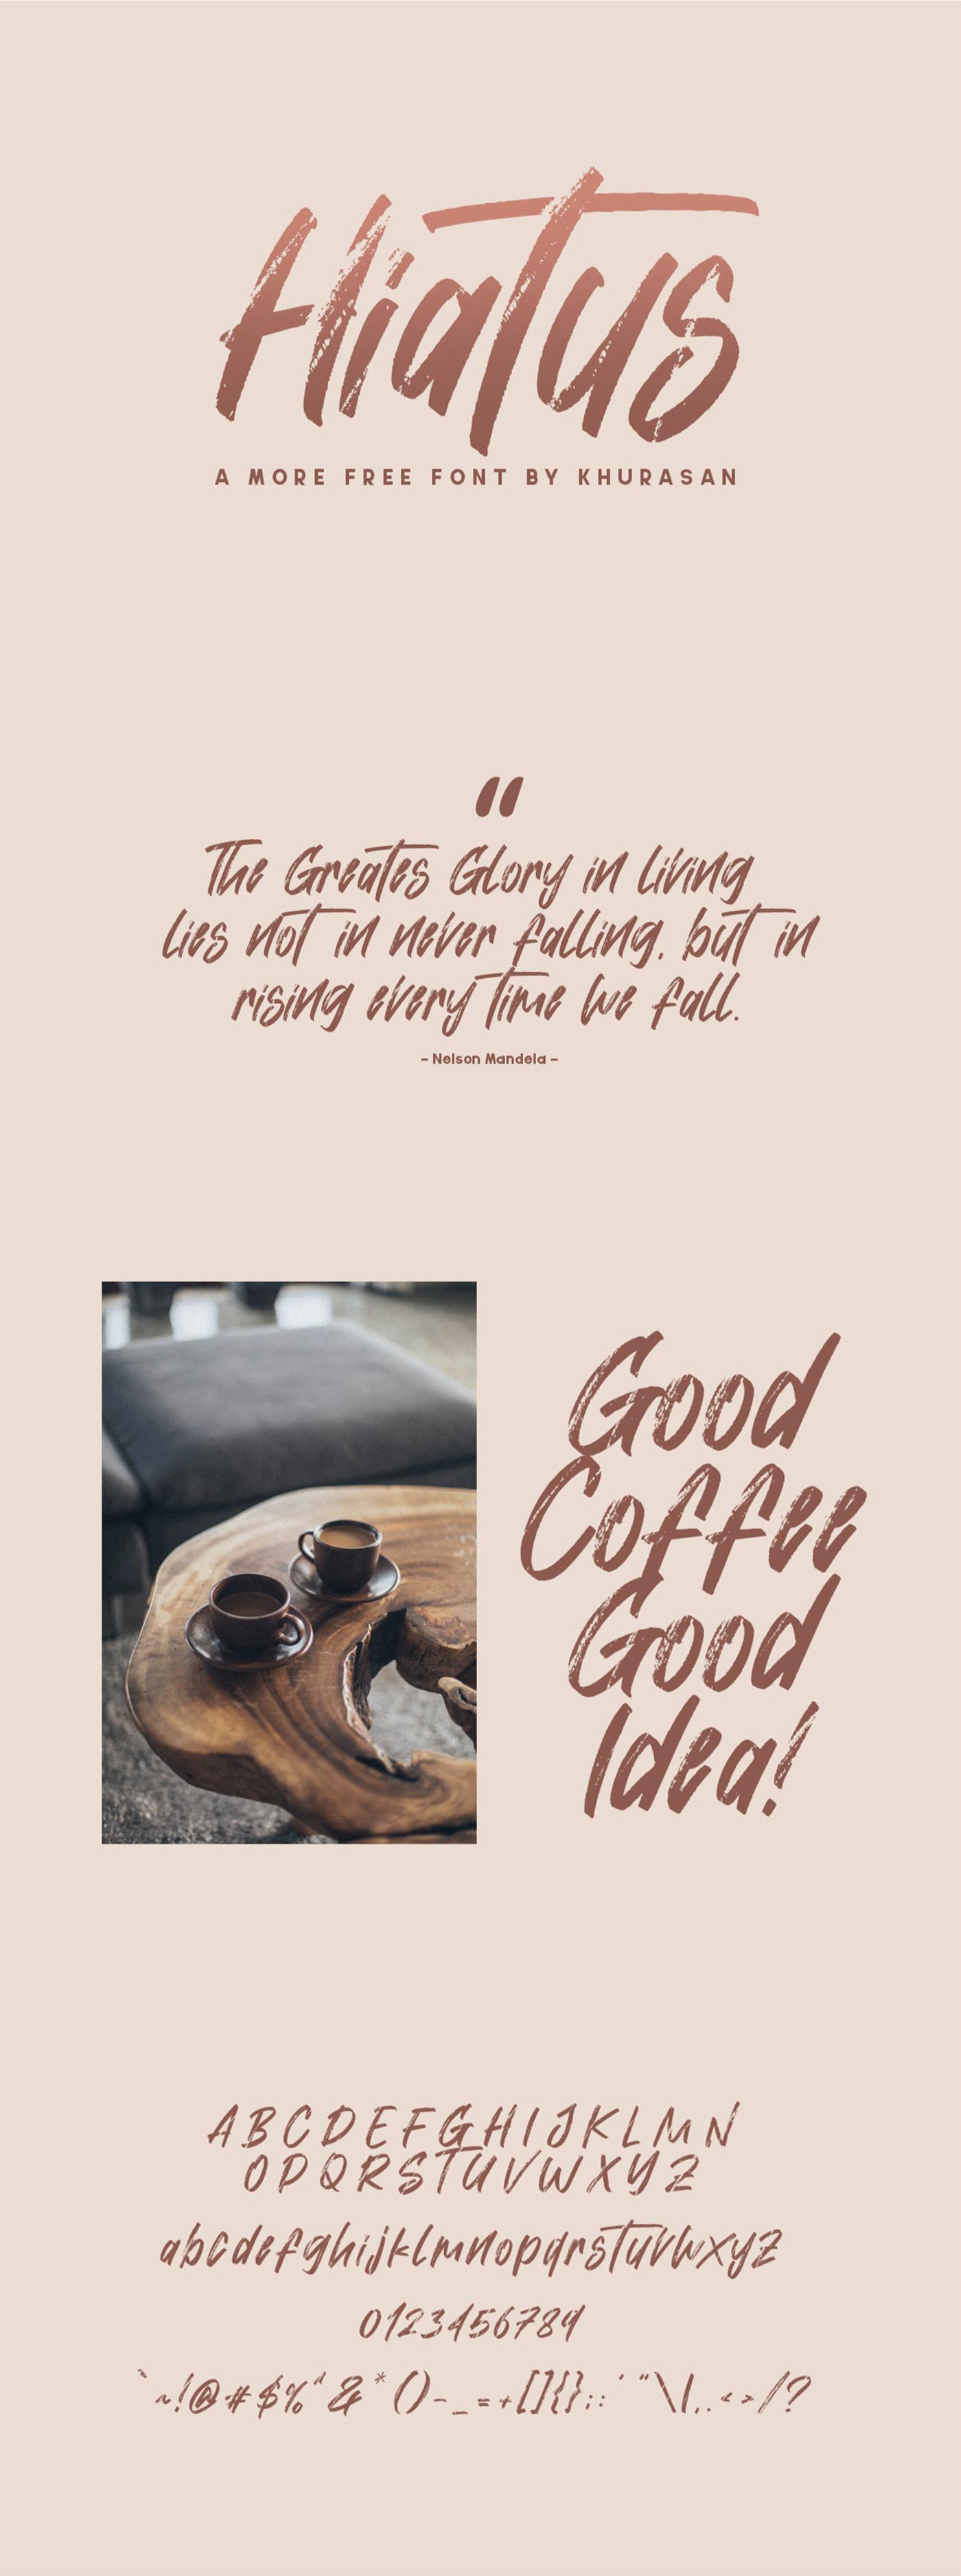 brush Brush font font free Free font freebie texture textured type Typeface